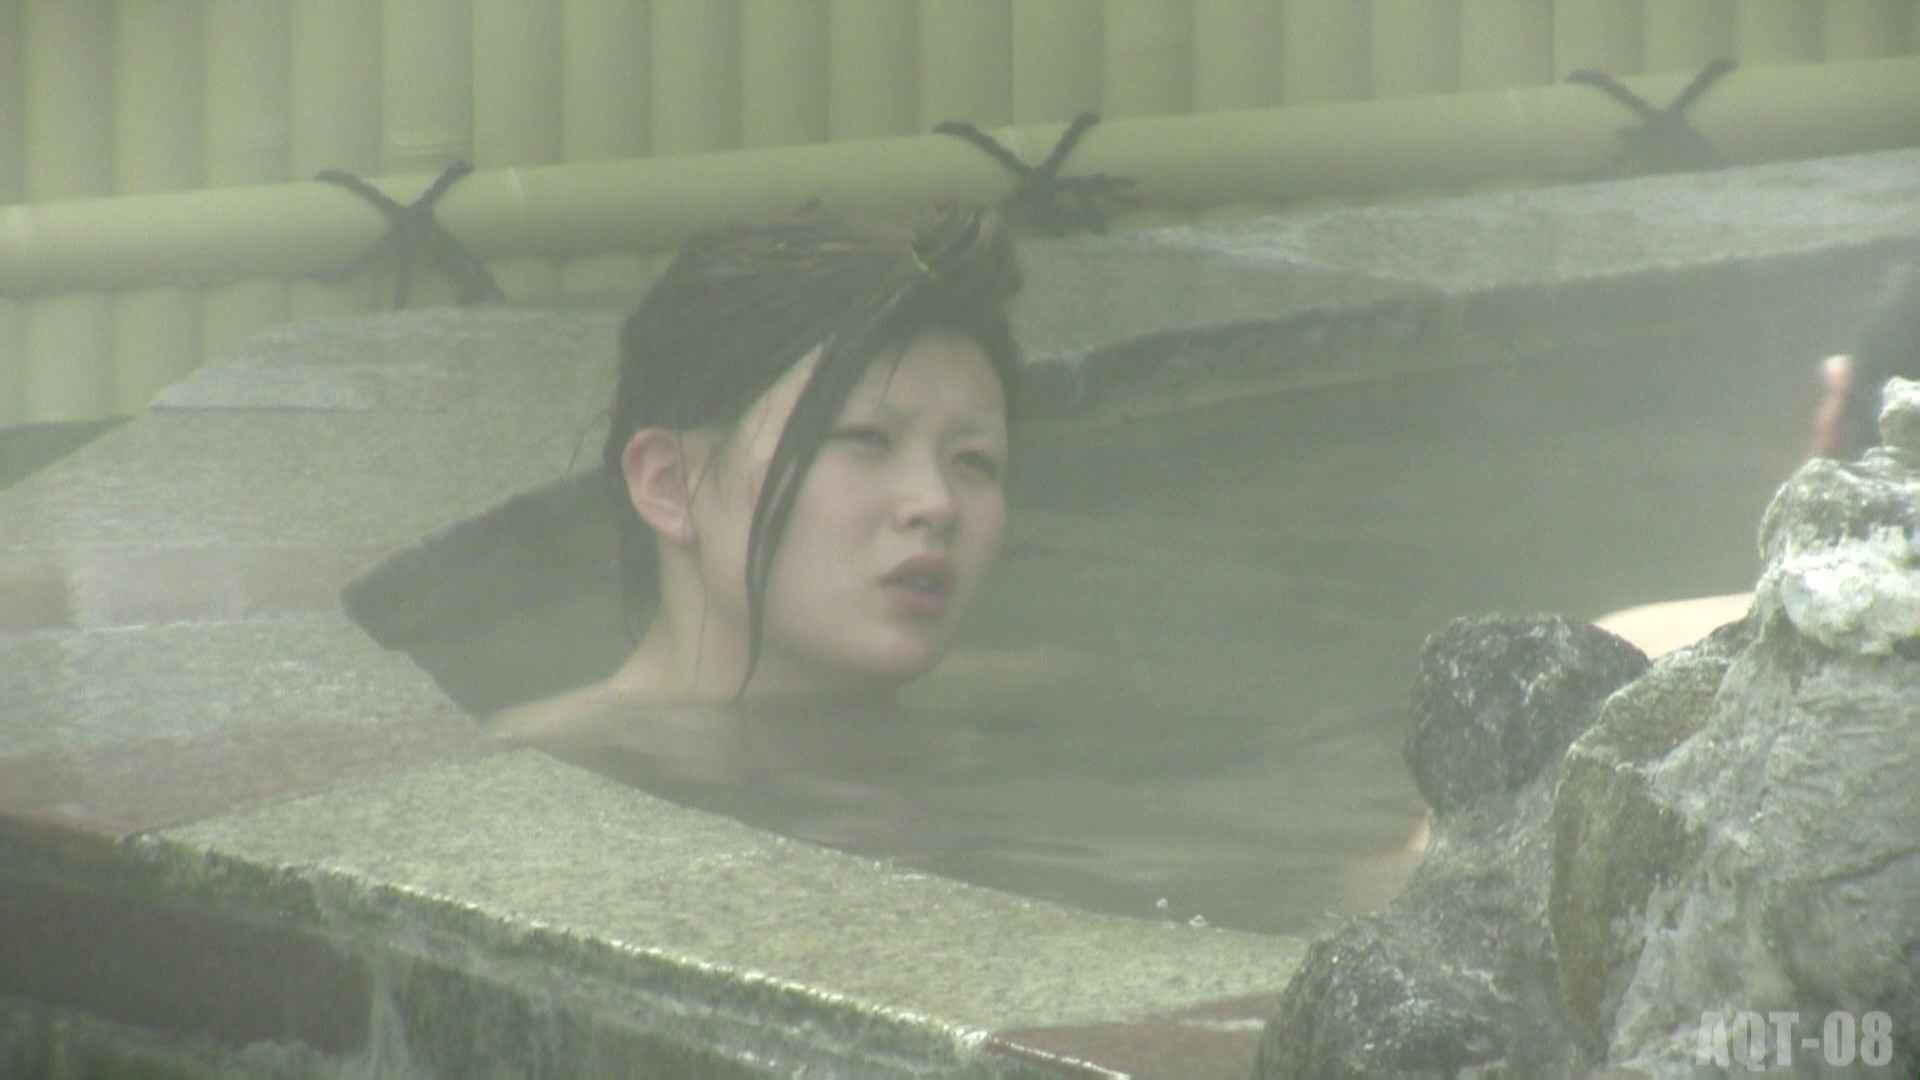 Aquaな露天風呂Vol.777 美しいOLの裸体  101pic 24